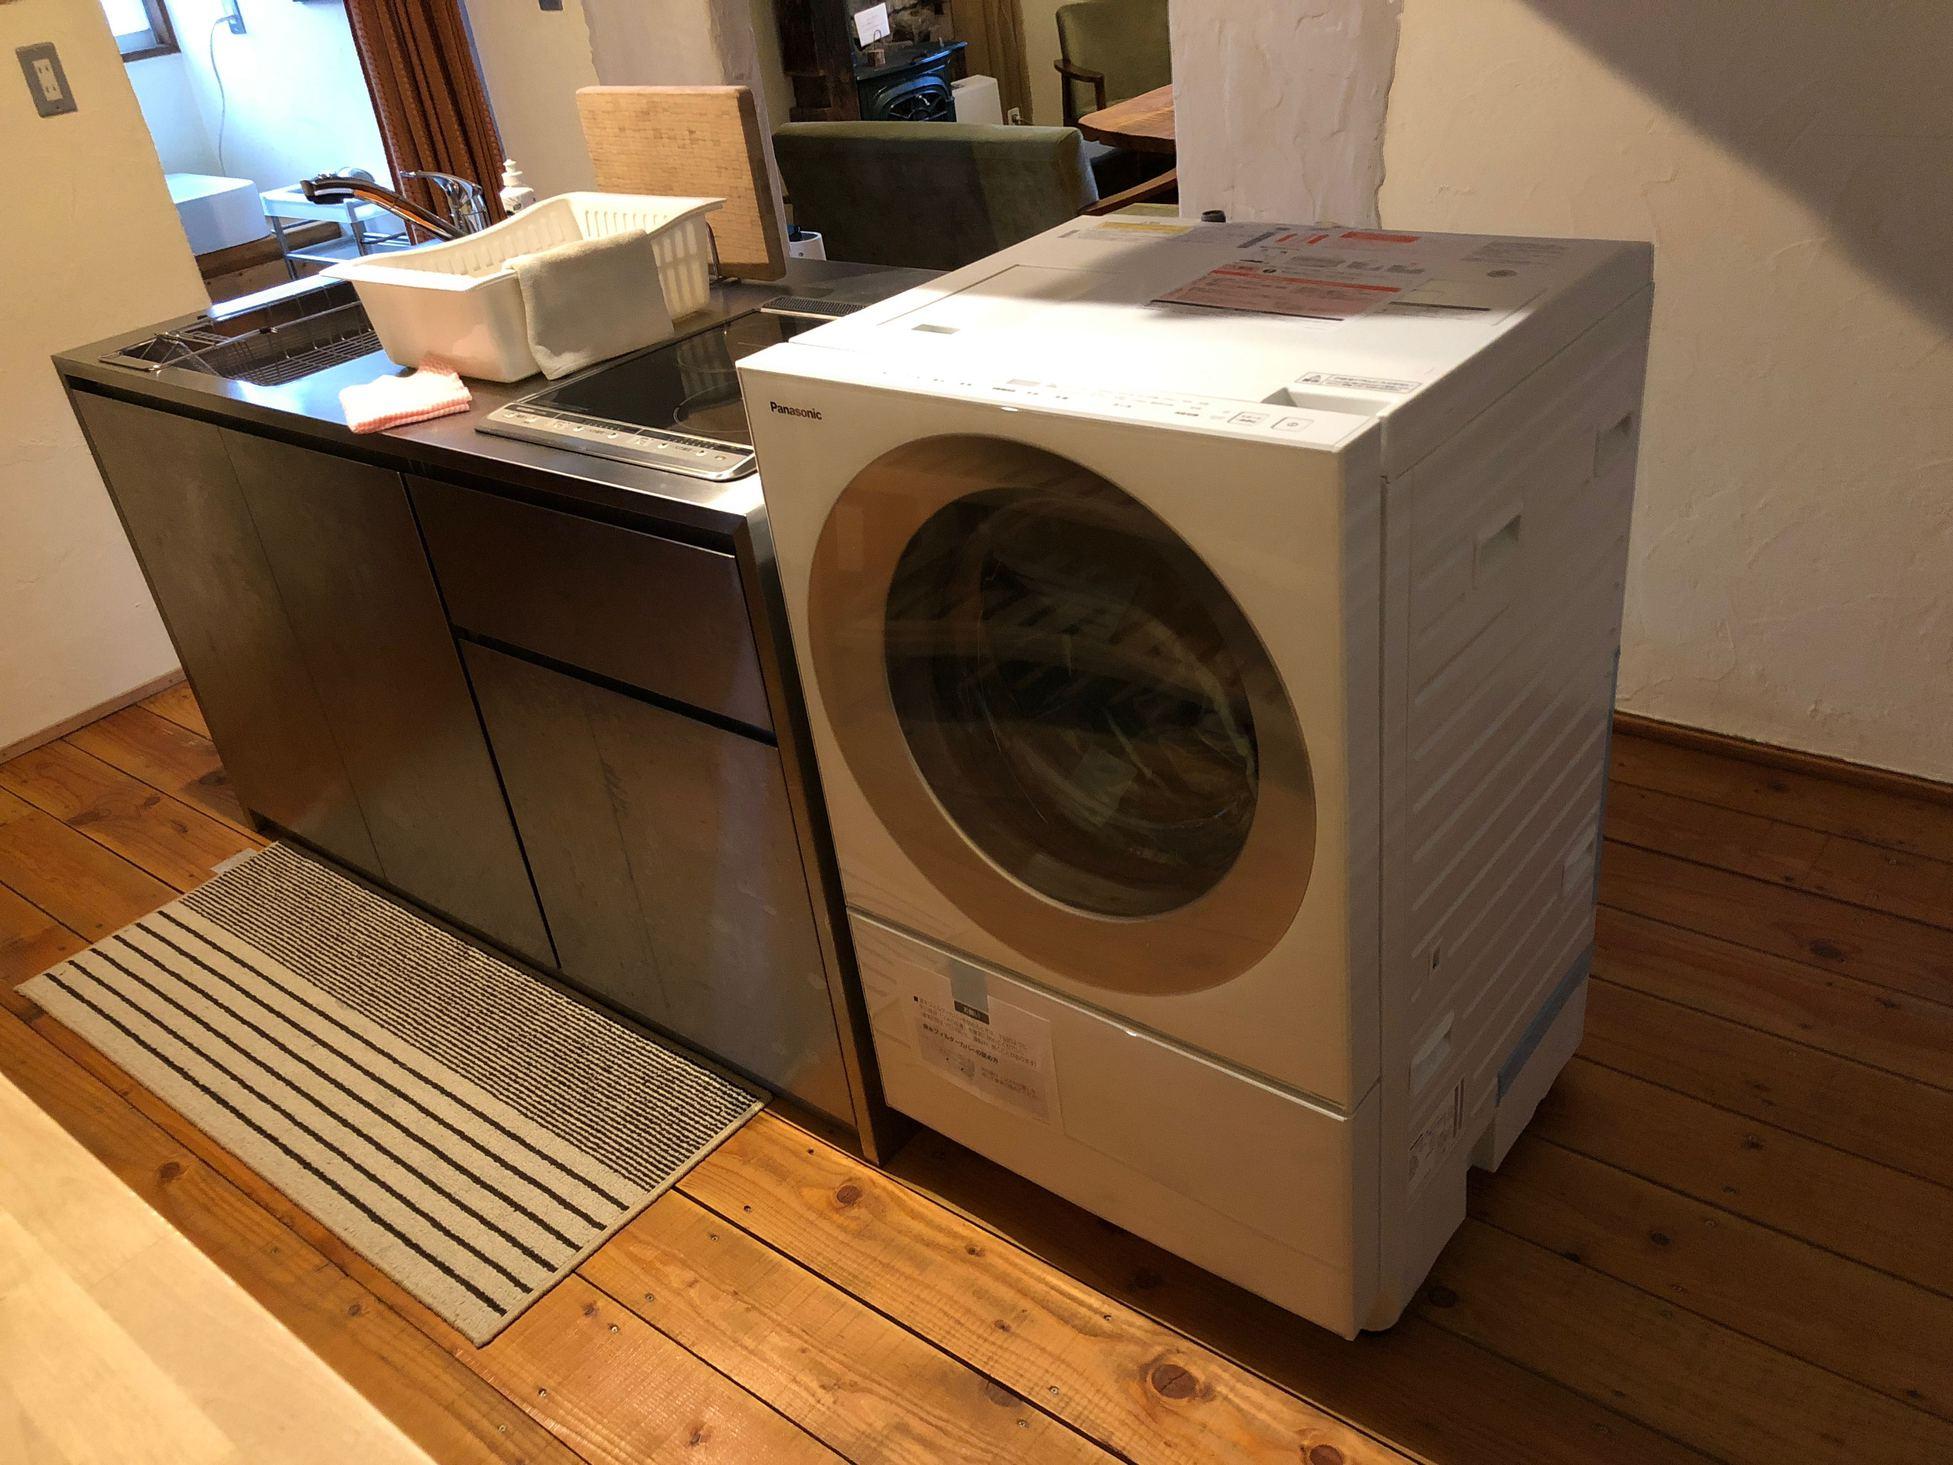 別宅設備(ドラム式洗濯乾燥機)